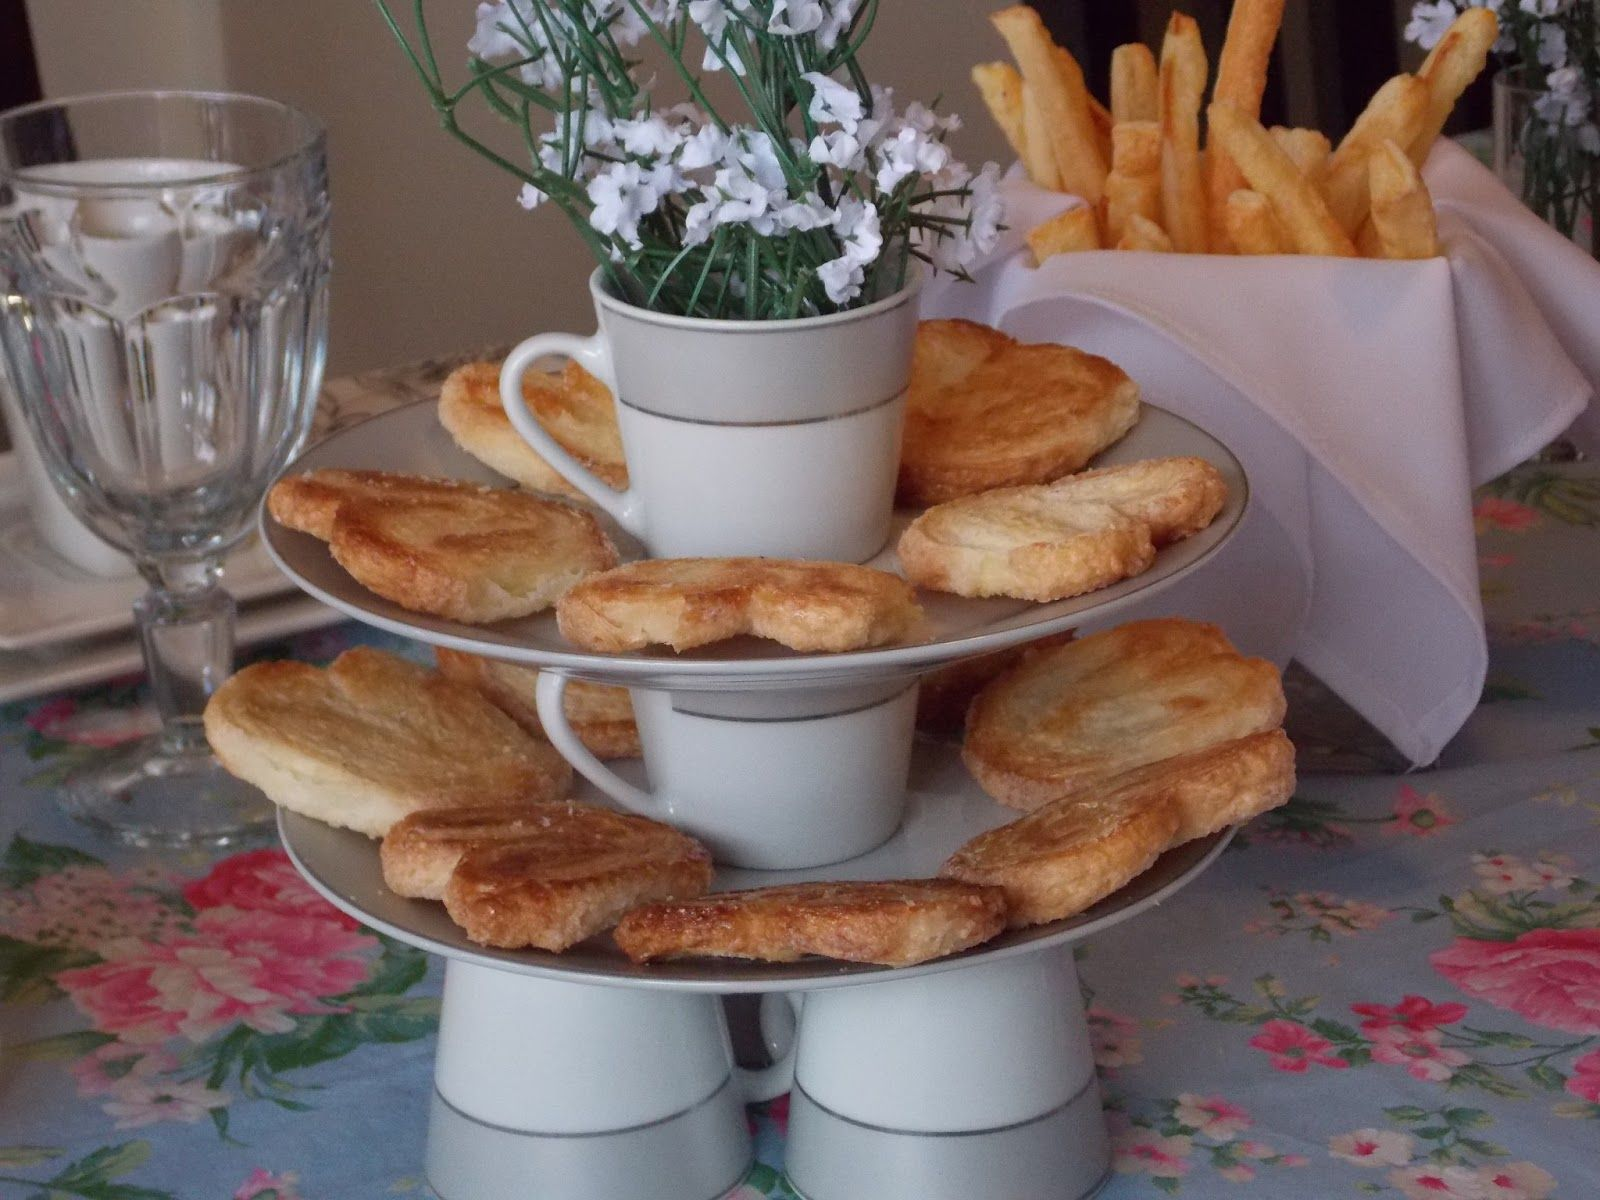 Realizando um Sonho   Blog de casamento e vida a dois: Mesa posta para chá da tarde! Recebendo visitas...